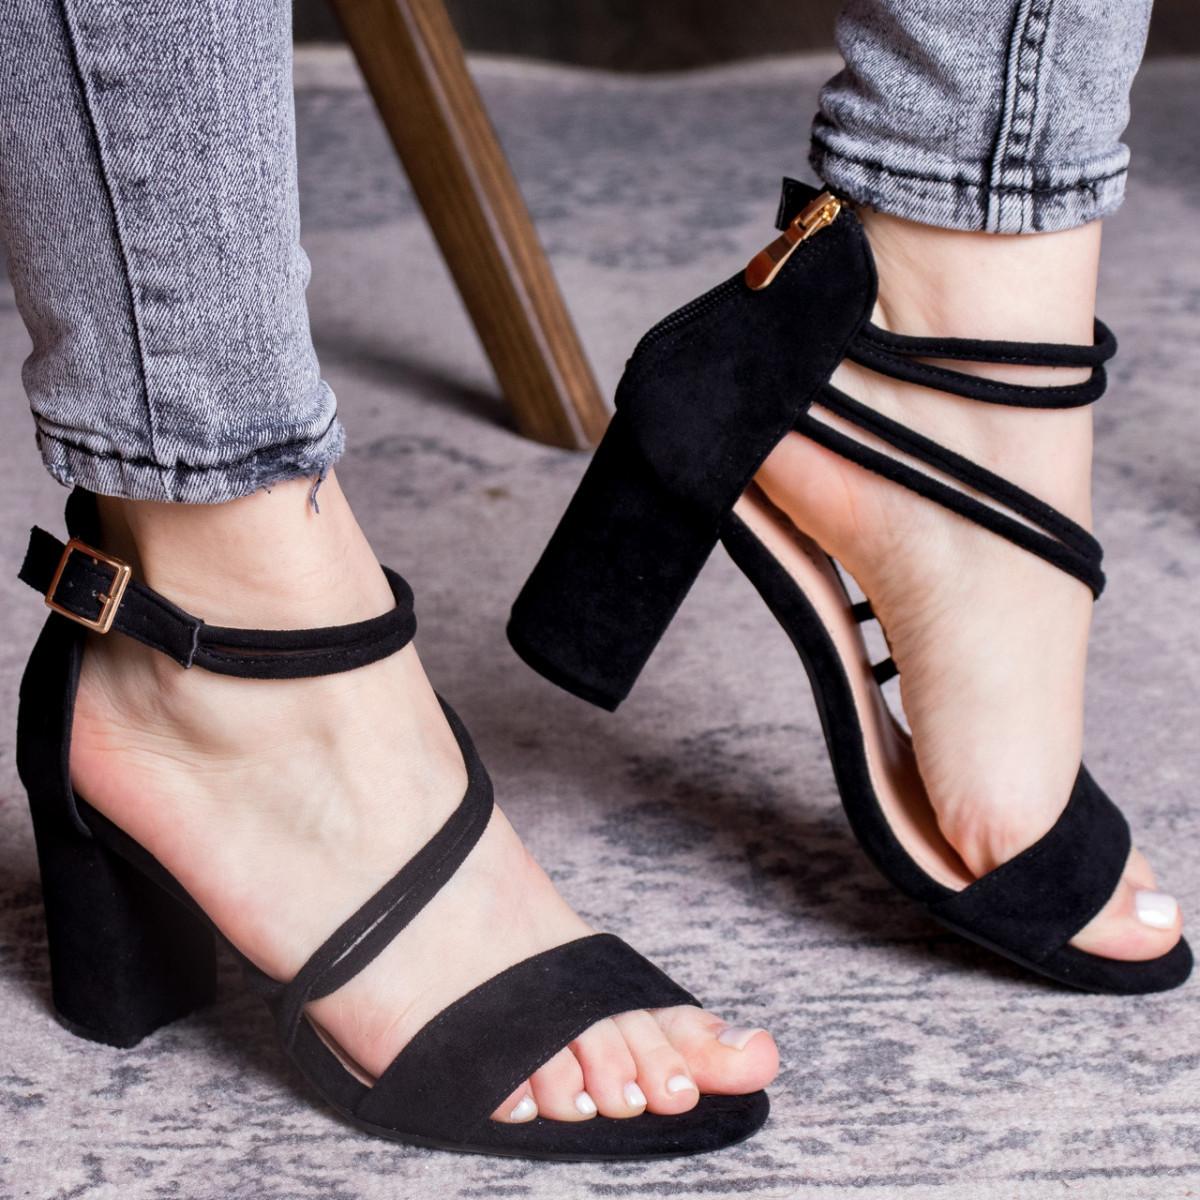 Женские босоножки Fashion Babers 2748 36 размер 23,5 см Черный